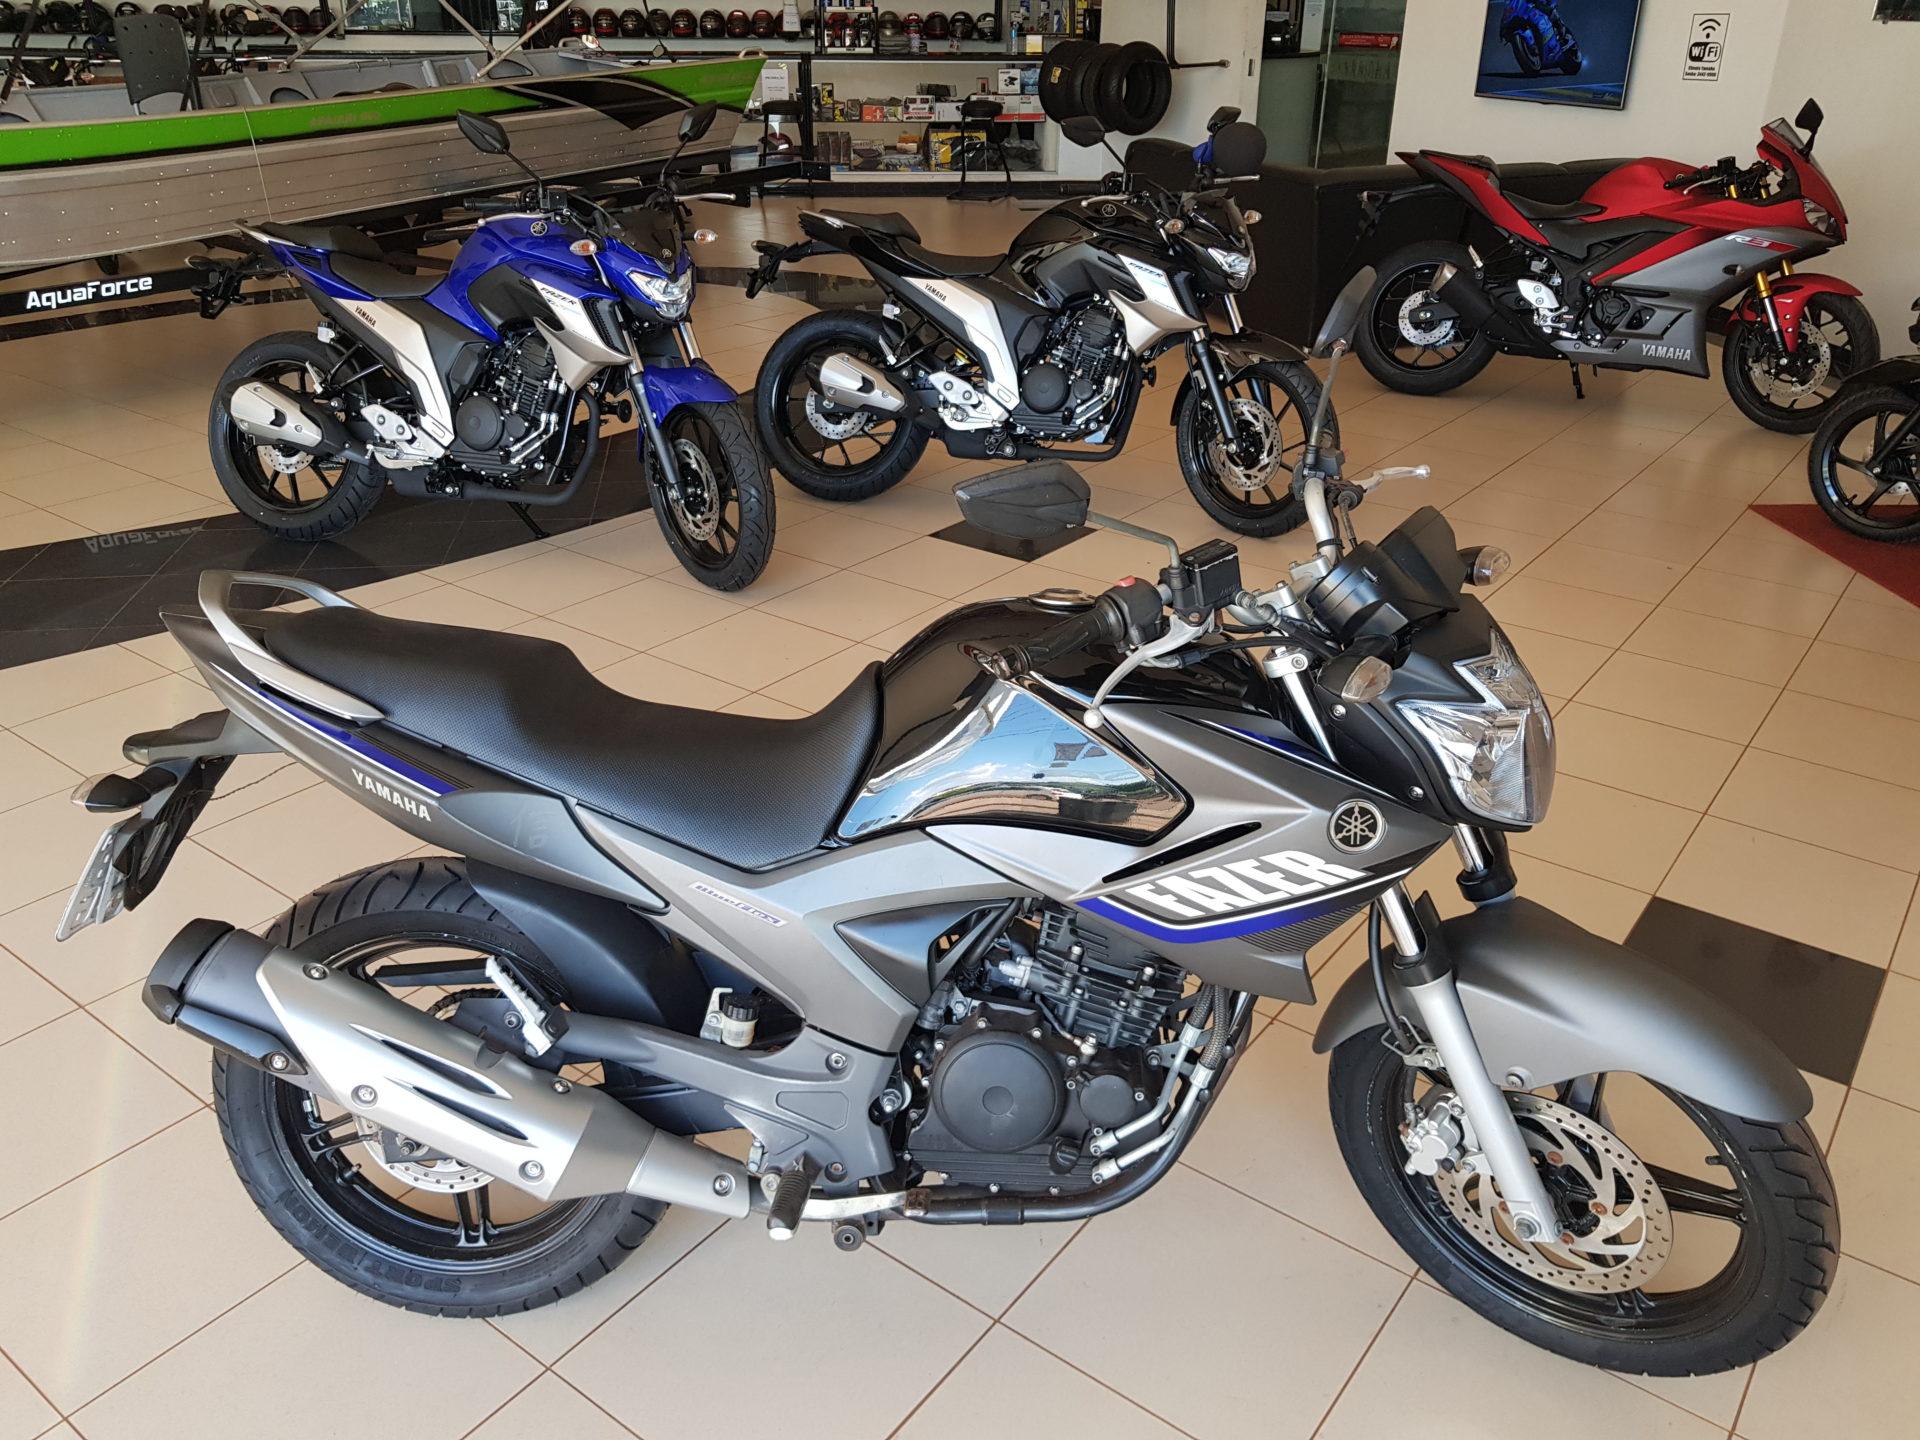 Motocicleta Yamaha FAZER 250 Modelo 2015